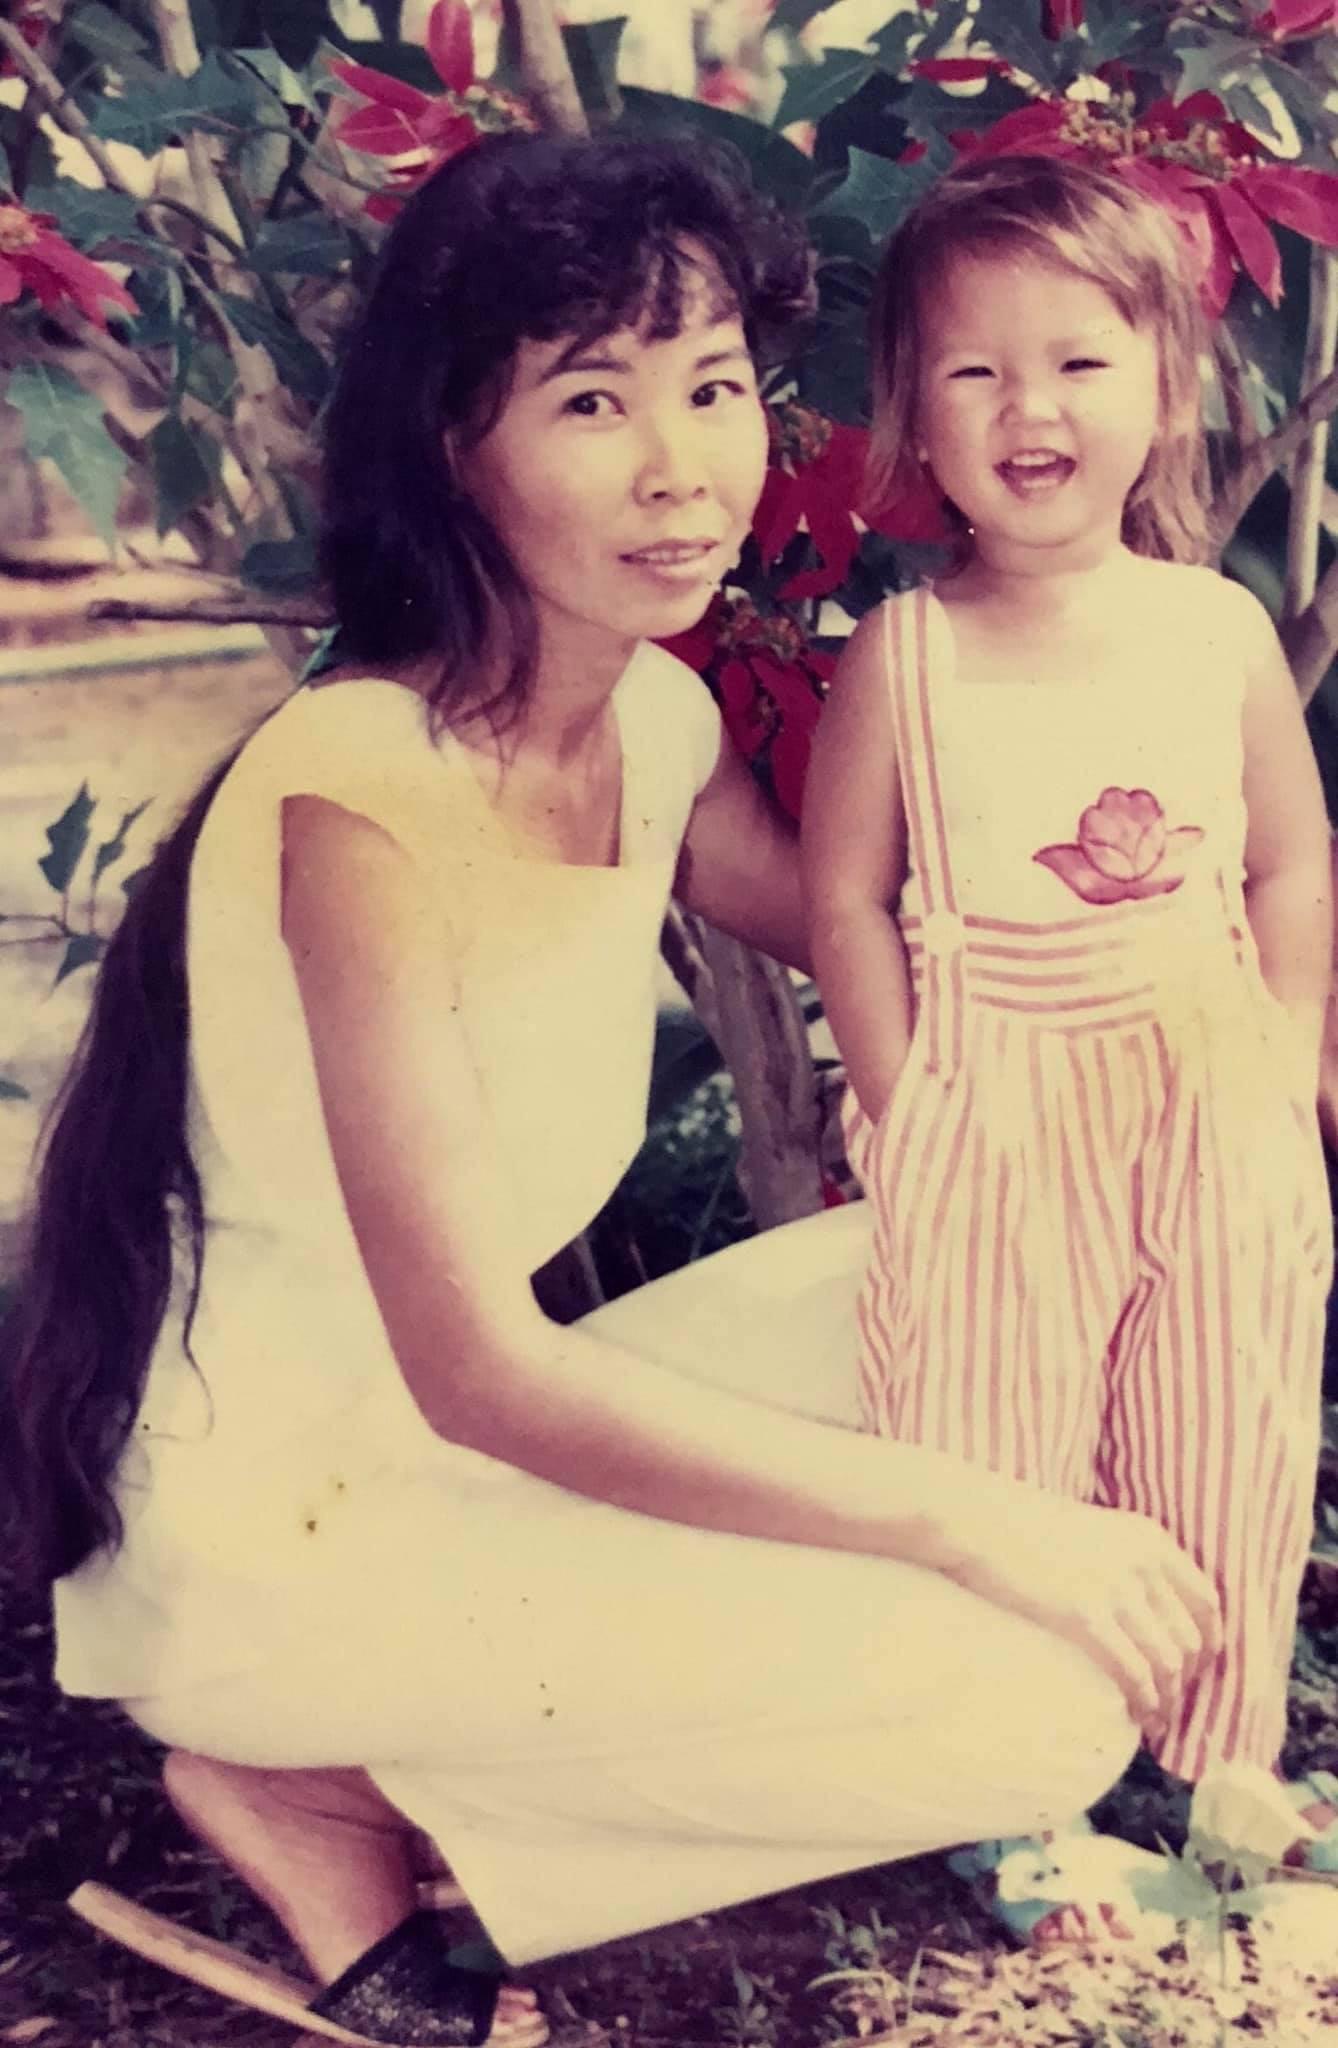 Sao Việt tích cực khoe ảnh hồi nhỏ, gửi lời chúc và những món quà ý nghĩa đến con nhân ngày Quốc tế thiếu nhi 1/6 - Ảnh 11.